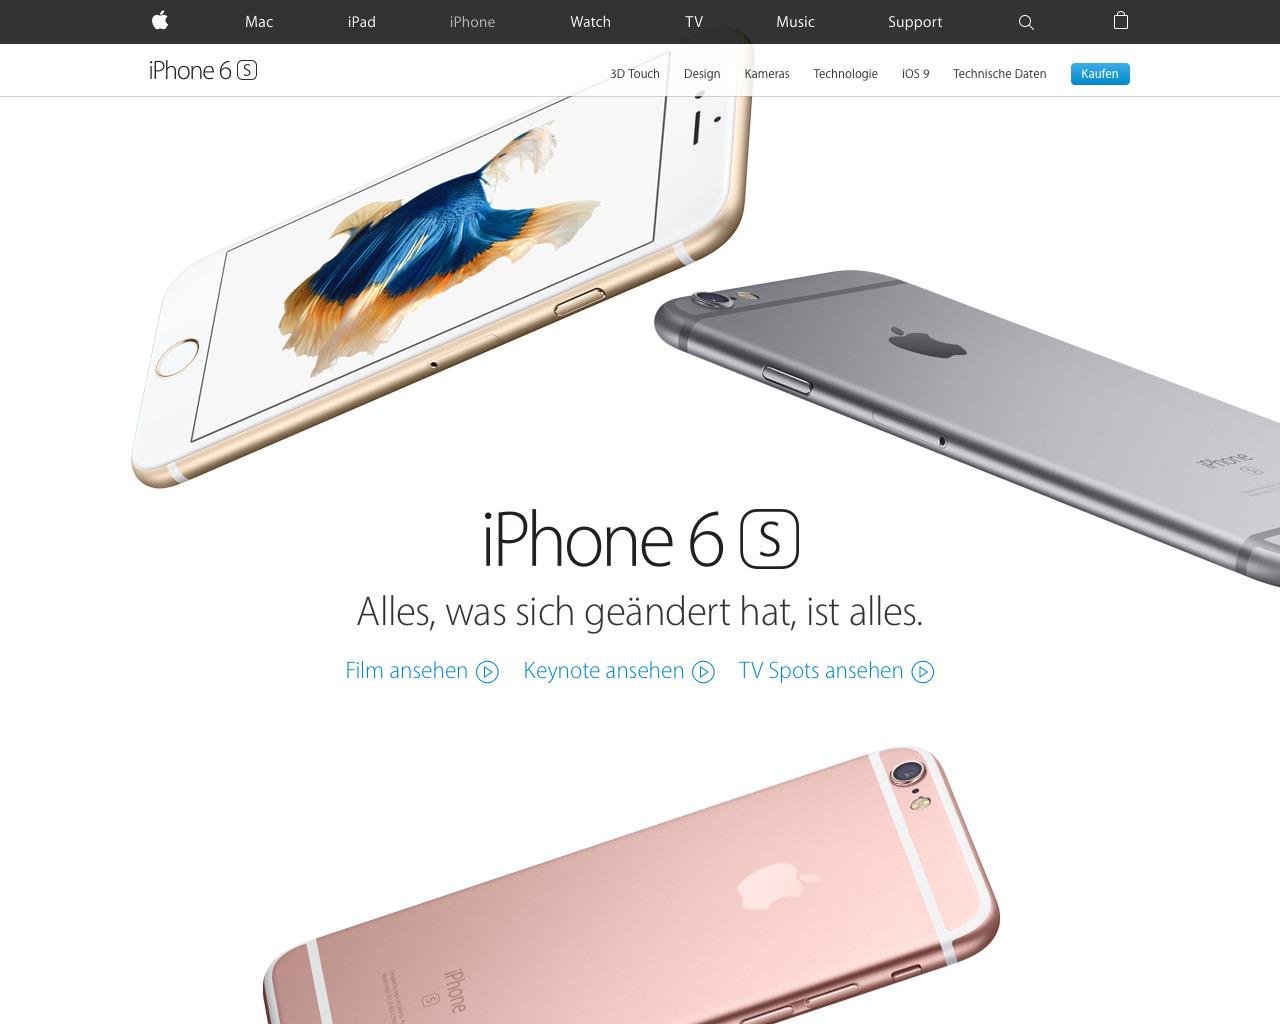 Apple setzt Animationen durch Parallax Scroling und Videomaterial auf den Produktseiten ein.